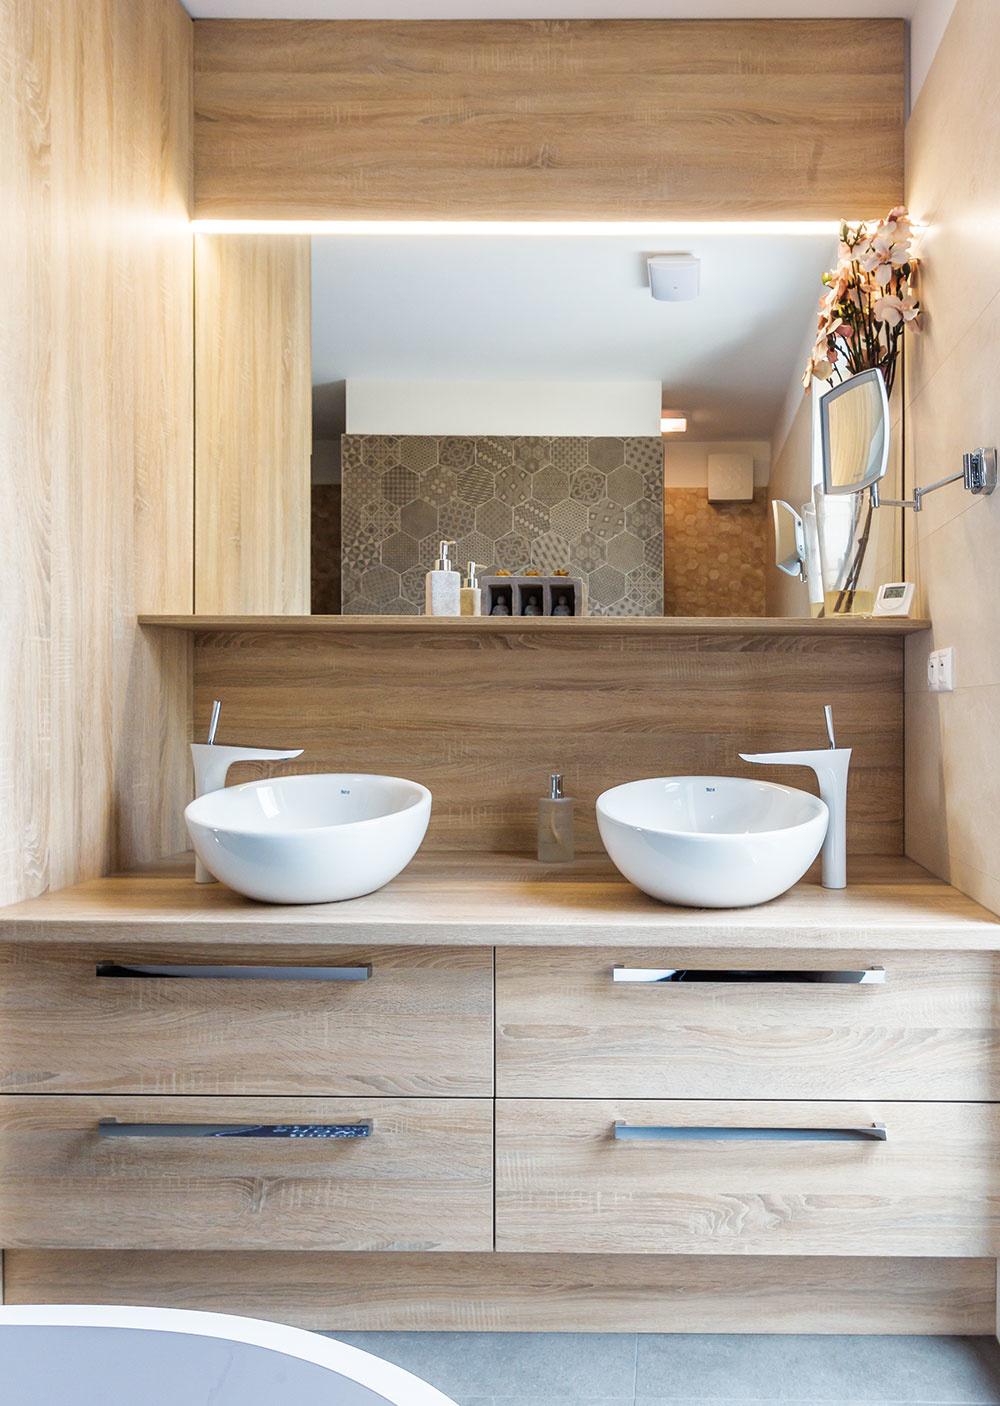 Do kúpeľne v nočnej časti bytu sa architektovi podarilo umiestniť všetko, po čom domáci túžili. Obklad so šesťuholníkovou štruktúrou, ktorý použili na stene pri vani, bol vtedy čerstvou novinkou.